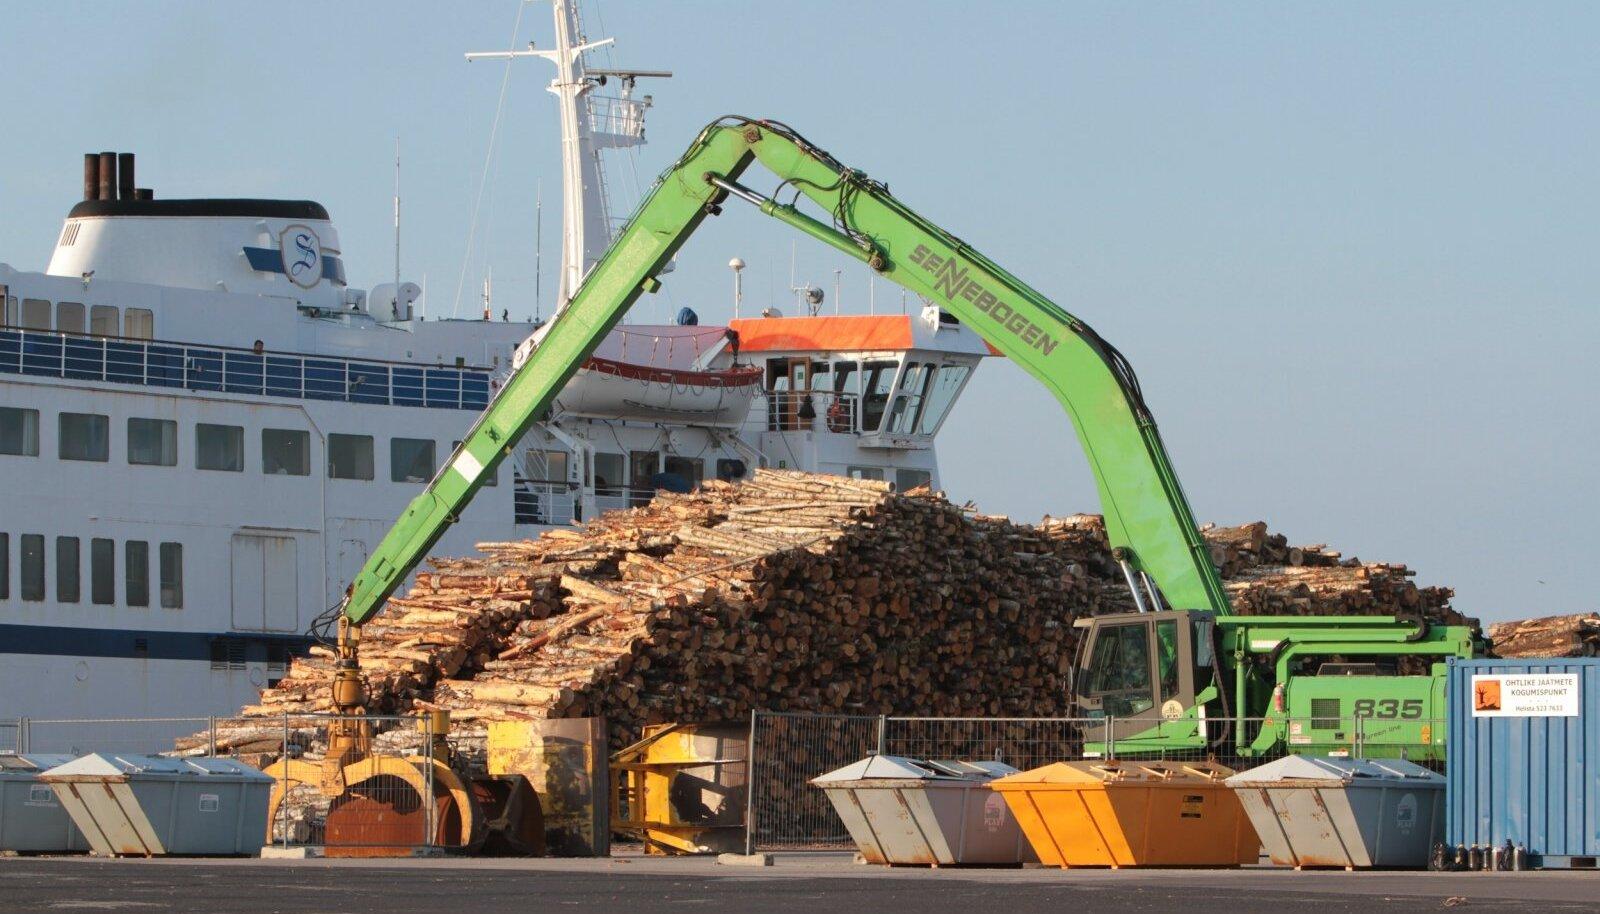 Eksporditud ümarpuidu kogusest omakorda üle 83% on paberipuit, millega Eestis midagi teha ei ole.